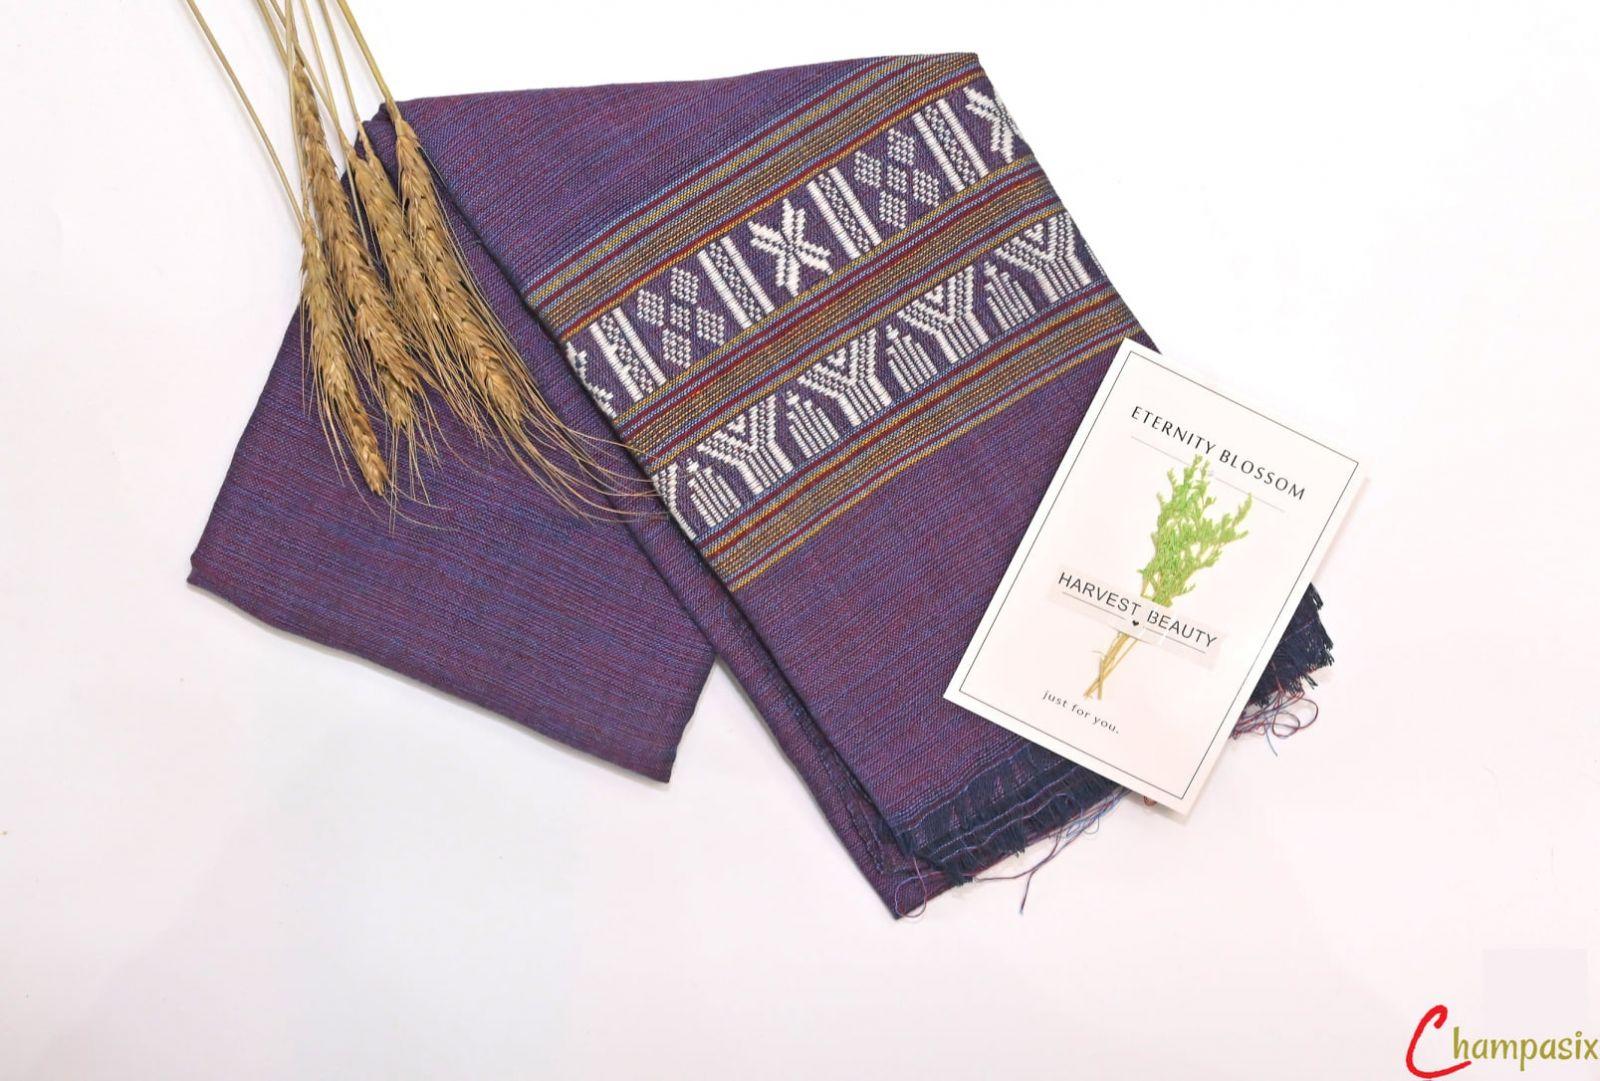 Đường nét trên sản phẩm tinh tế, hoa văn mang đậm tính văn hoá truyền thống  JAYA